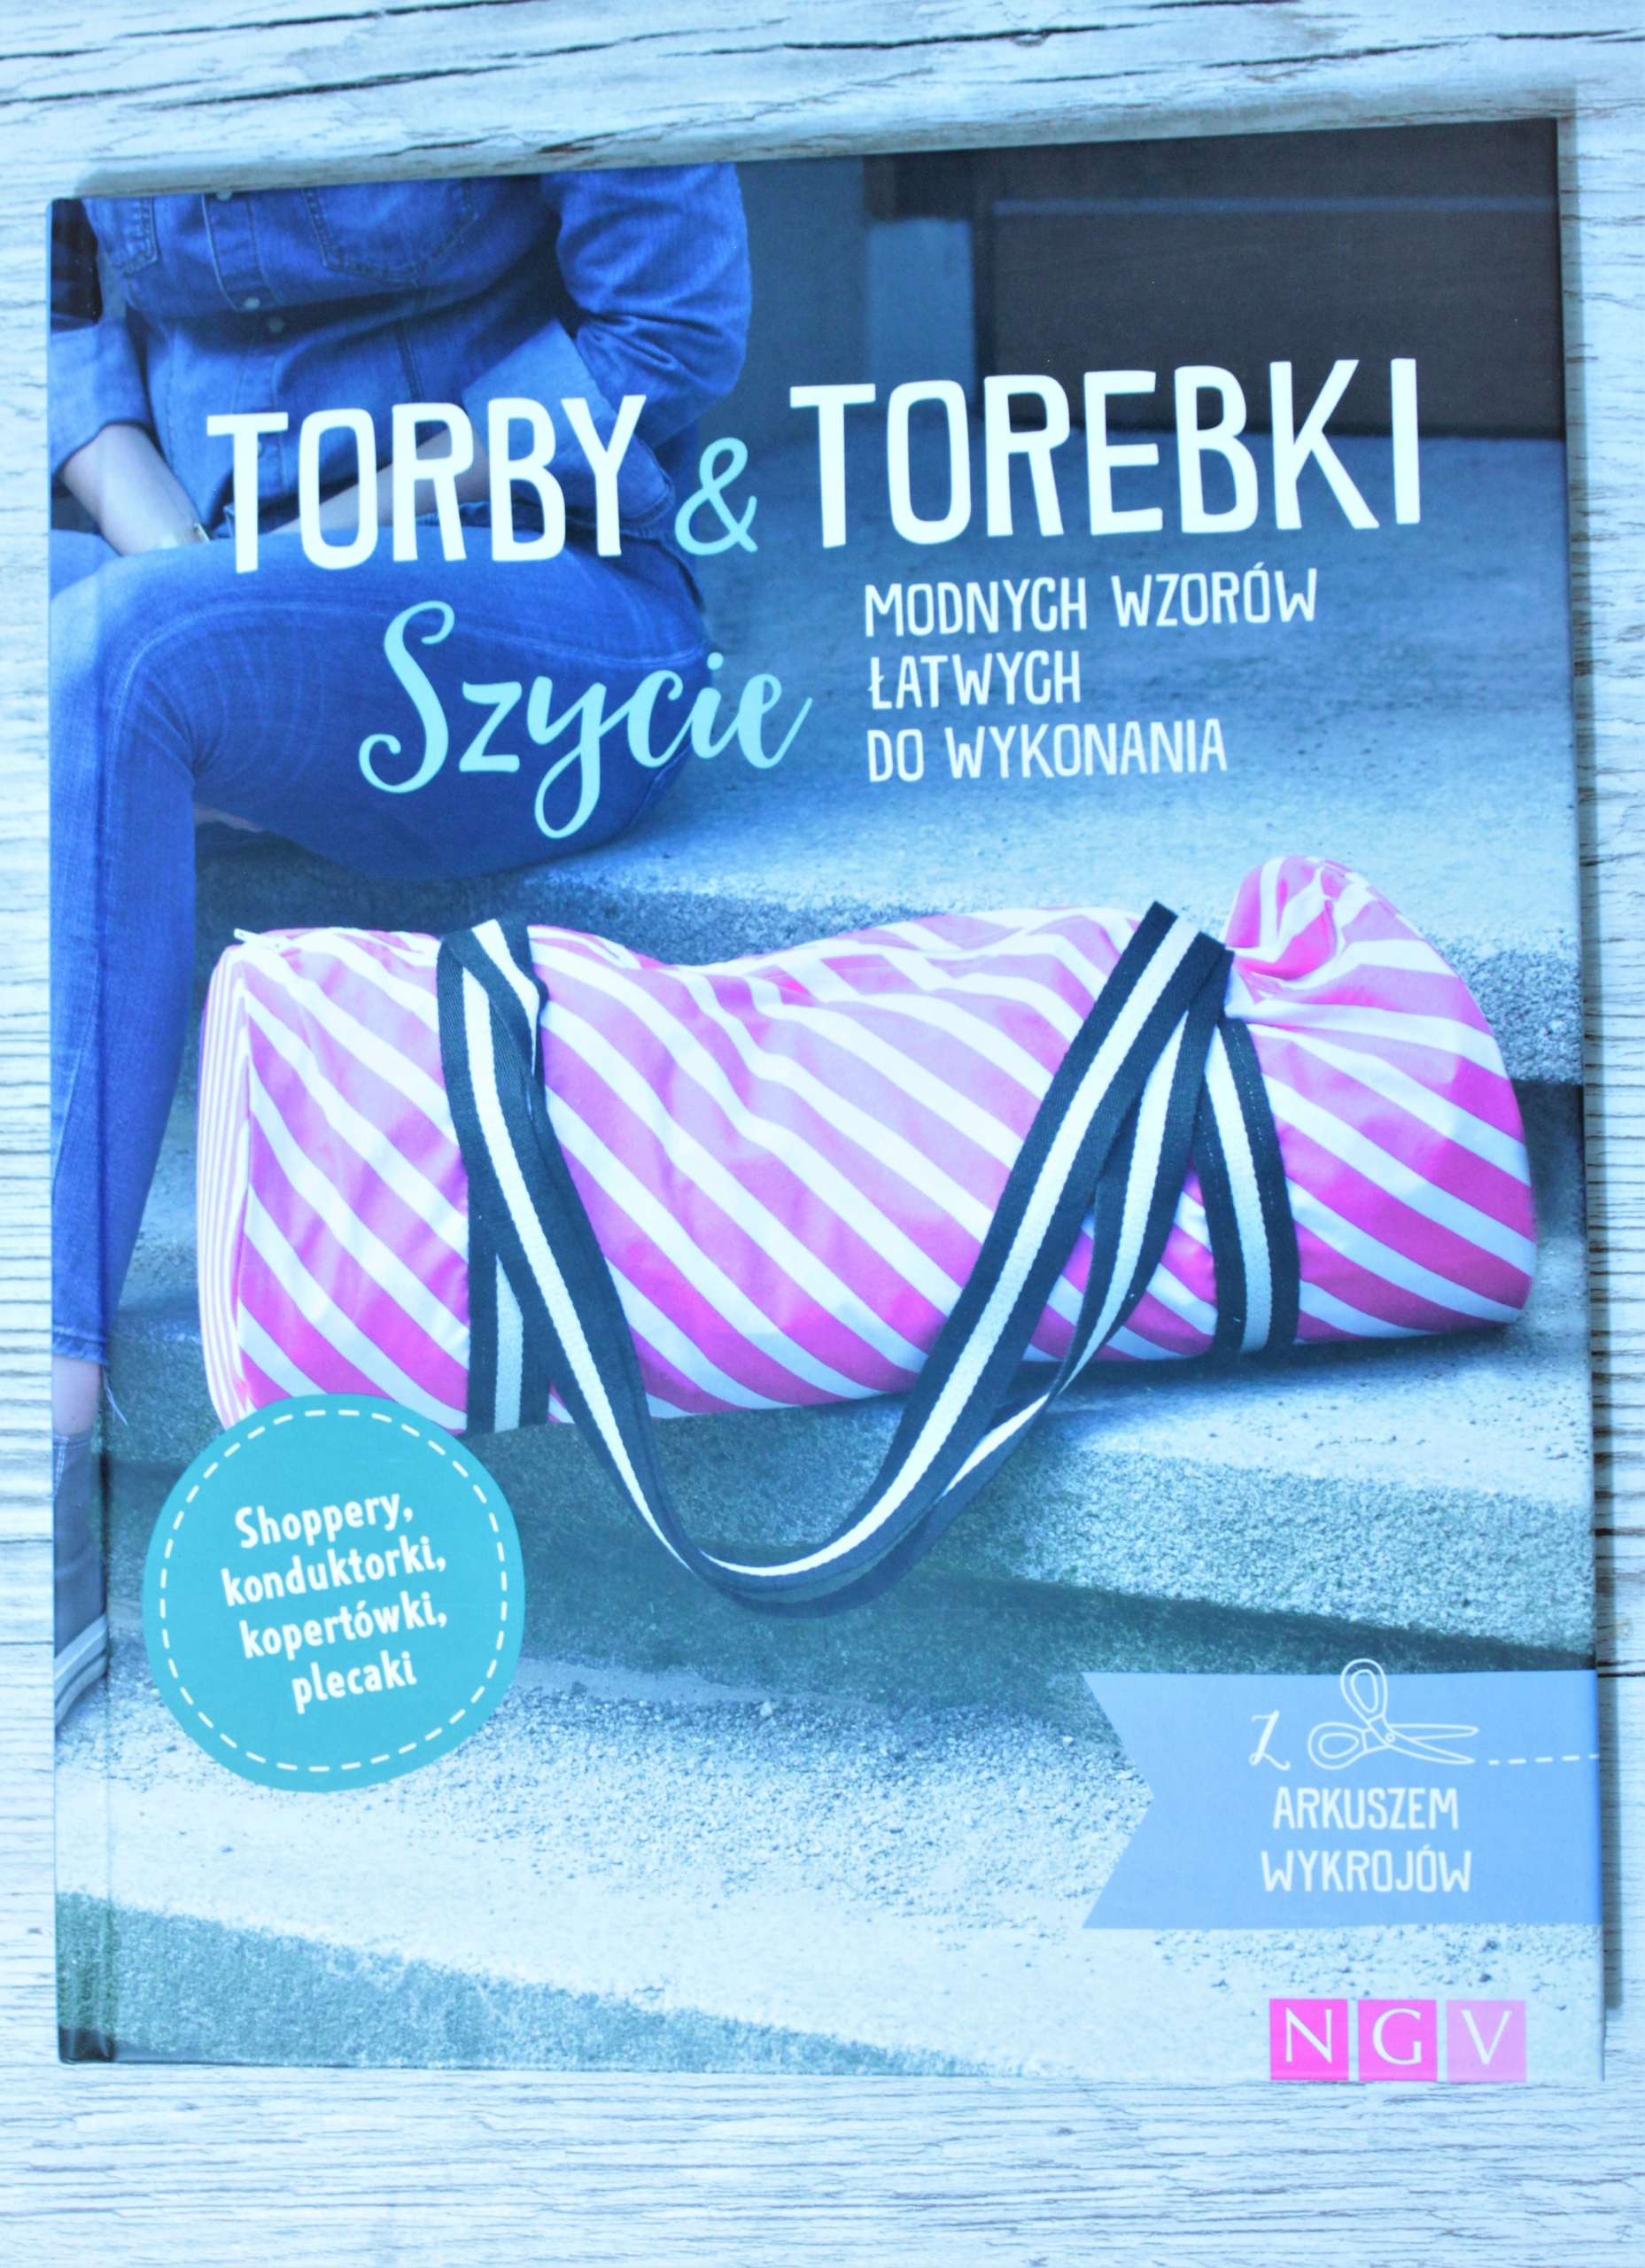 Torby & Torebki , Szycie modnych wzorów